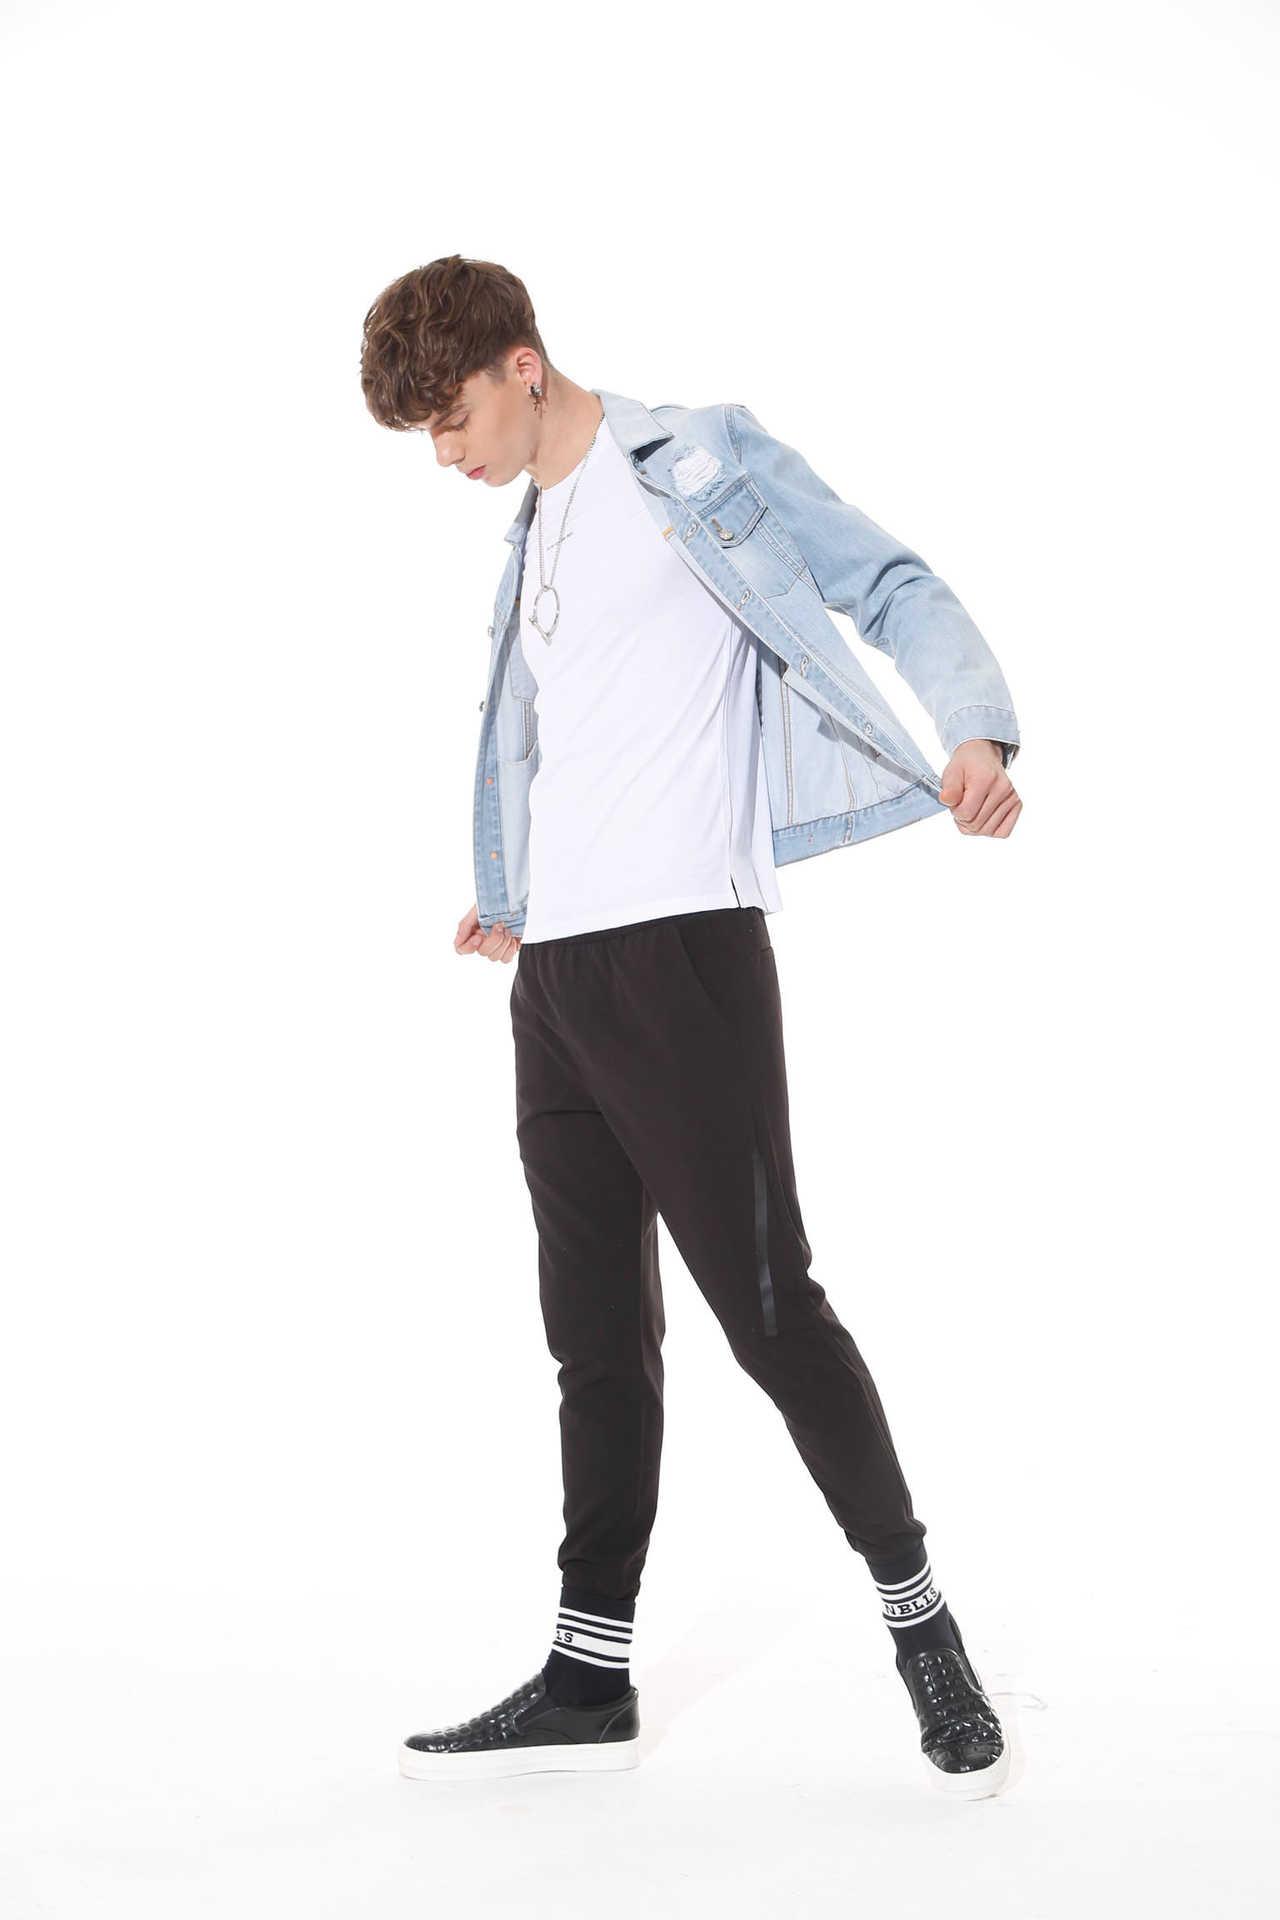 佐纳利品牌服装销售支持政策 ZENL风尚男装品牌加盟政策